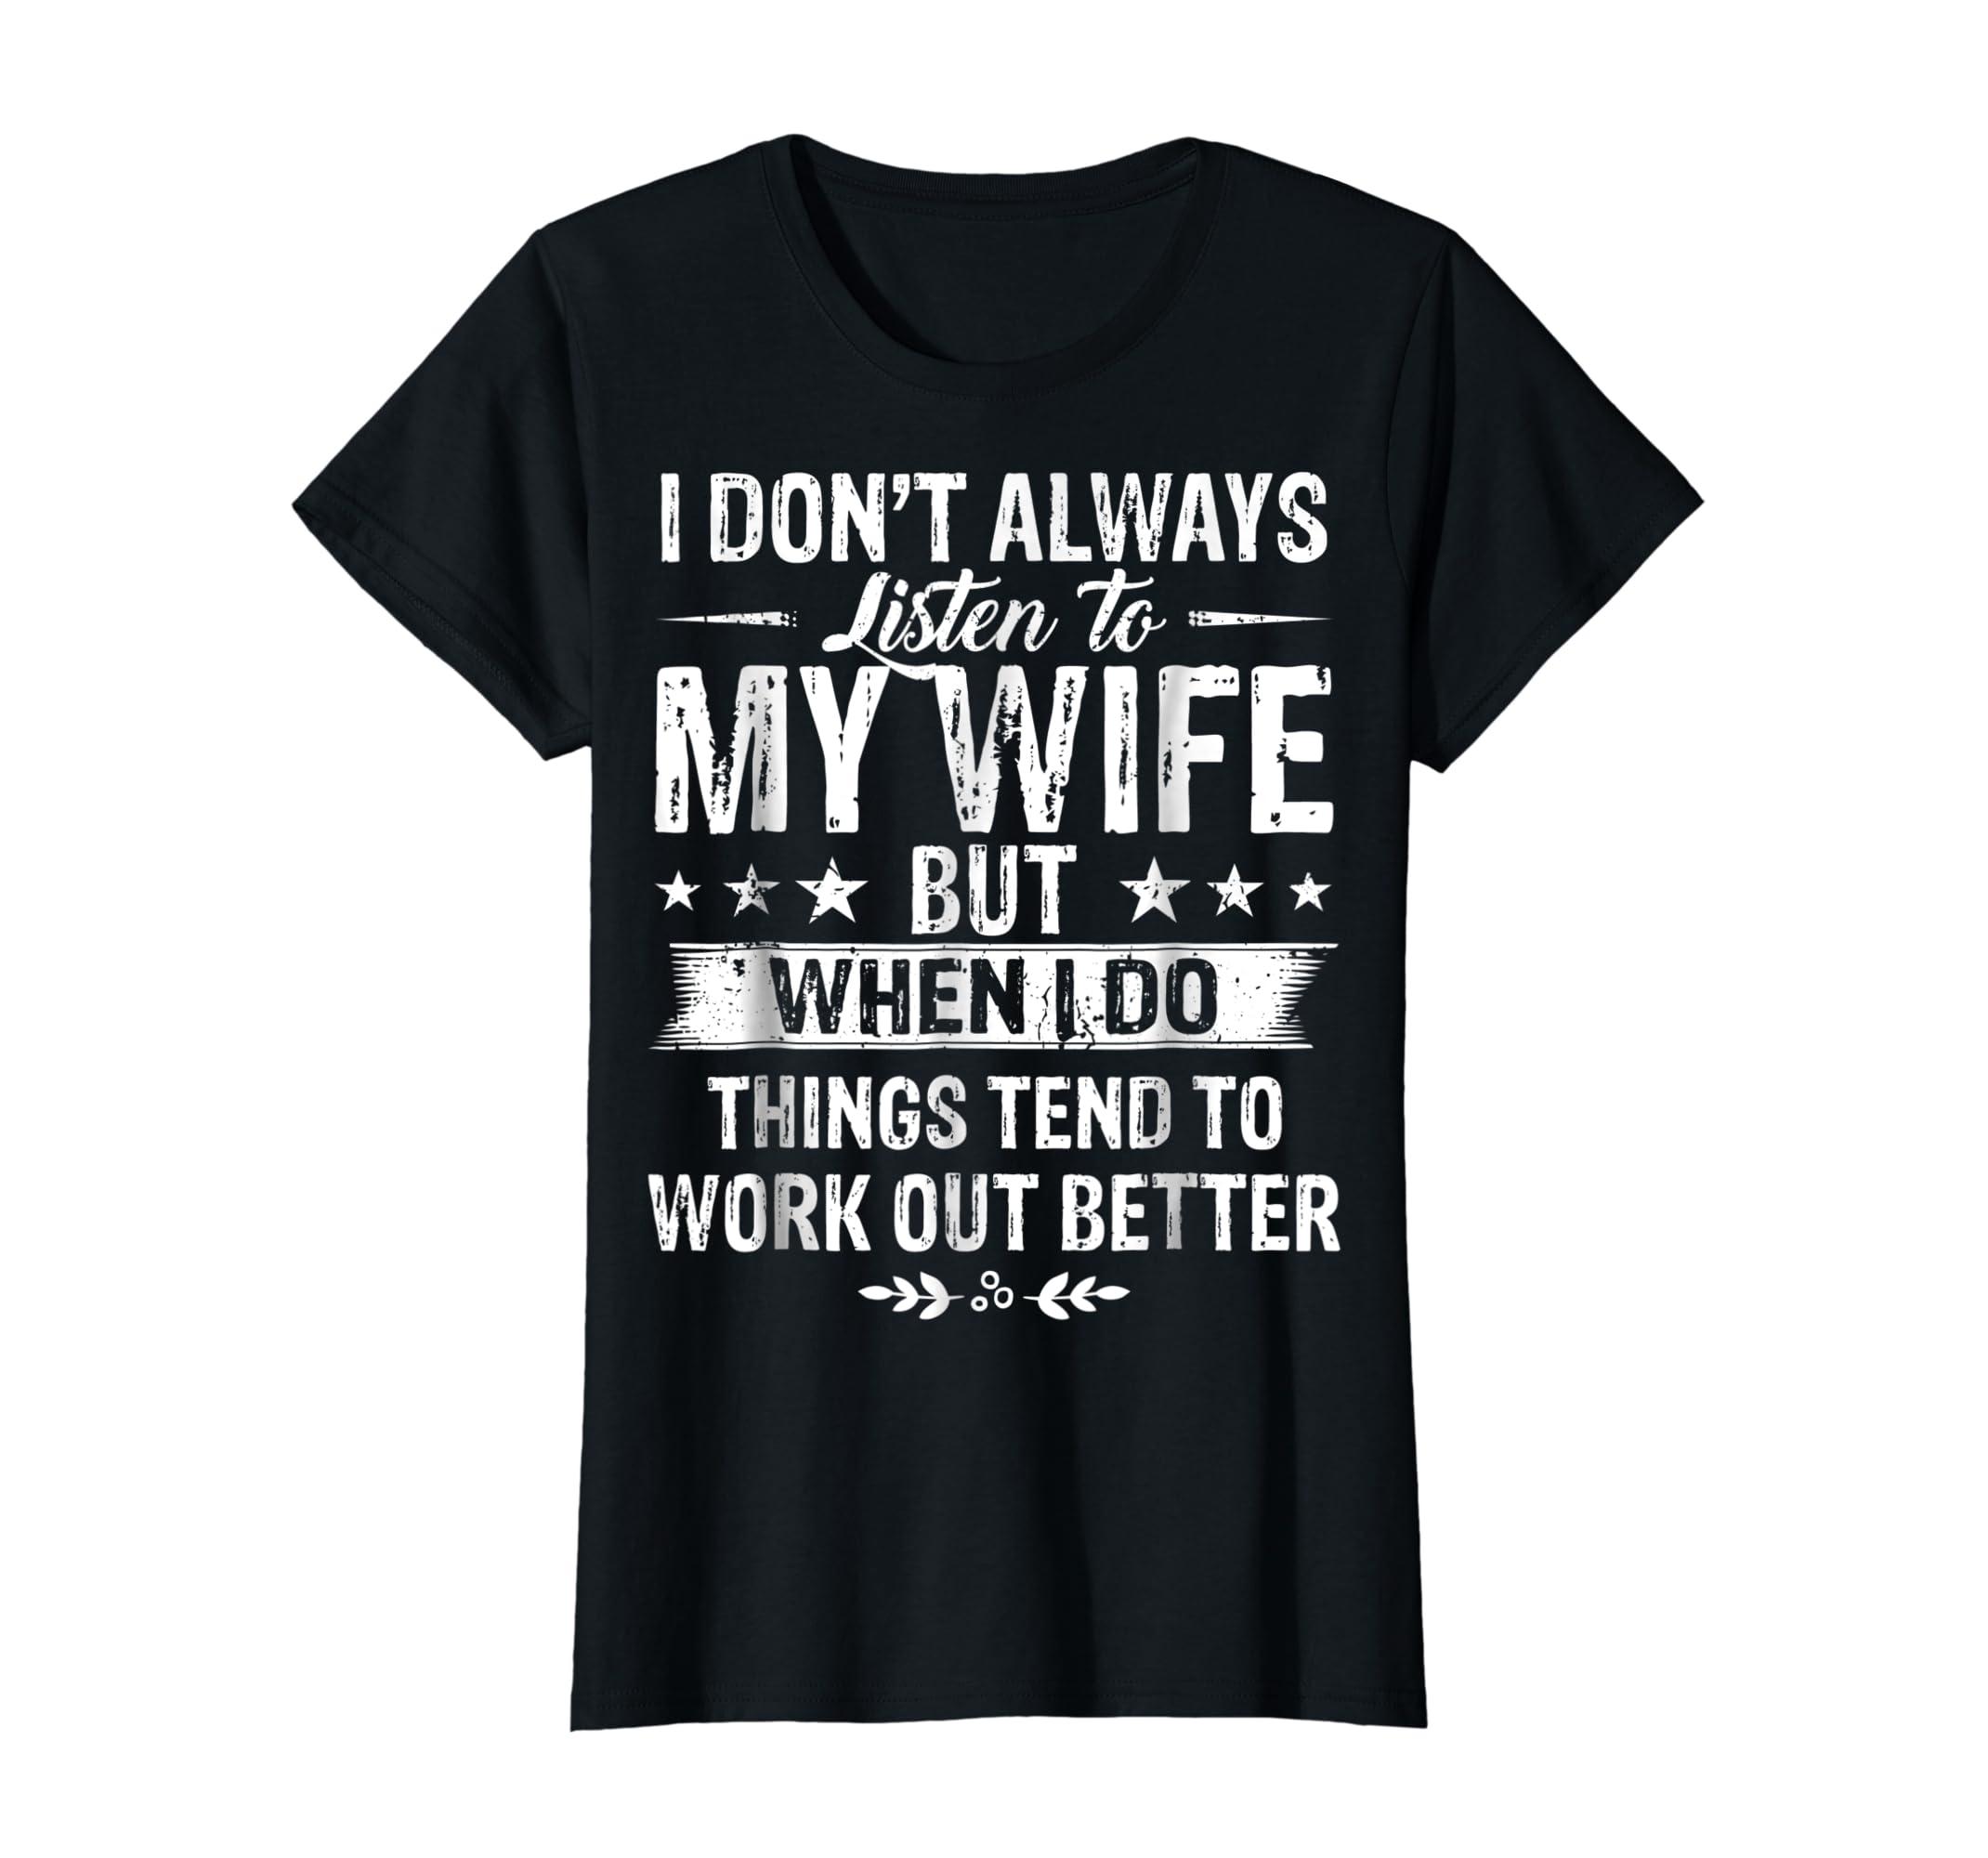 I Don't Always Listen To My Wife T Shirt Gift for Men Women-Women's T-Shirt-Black